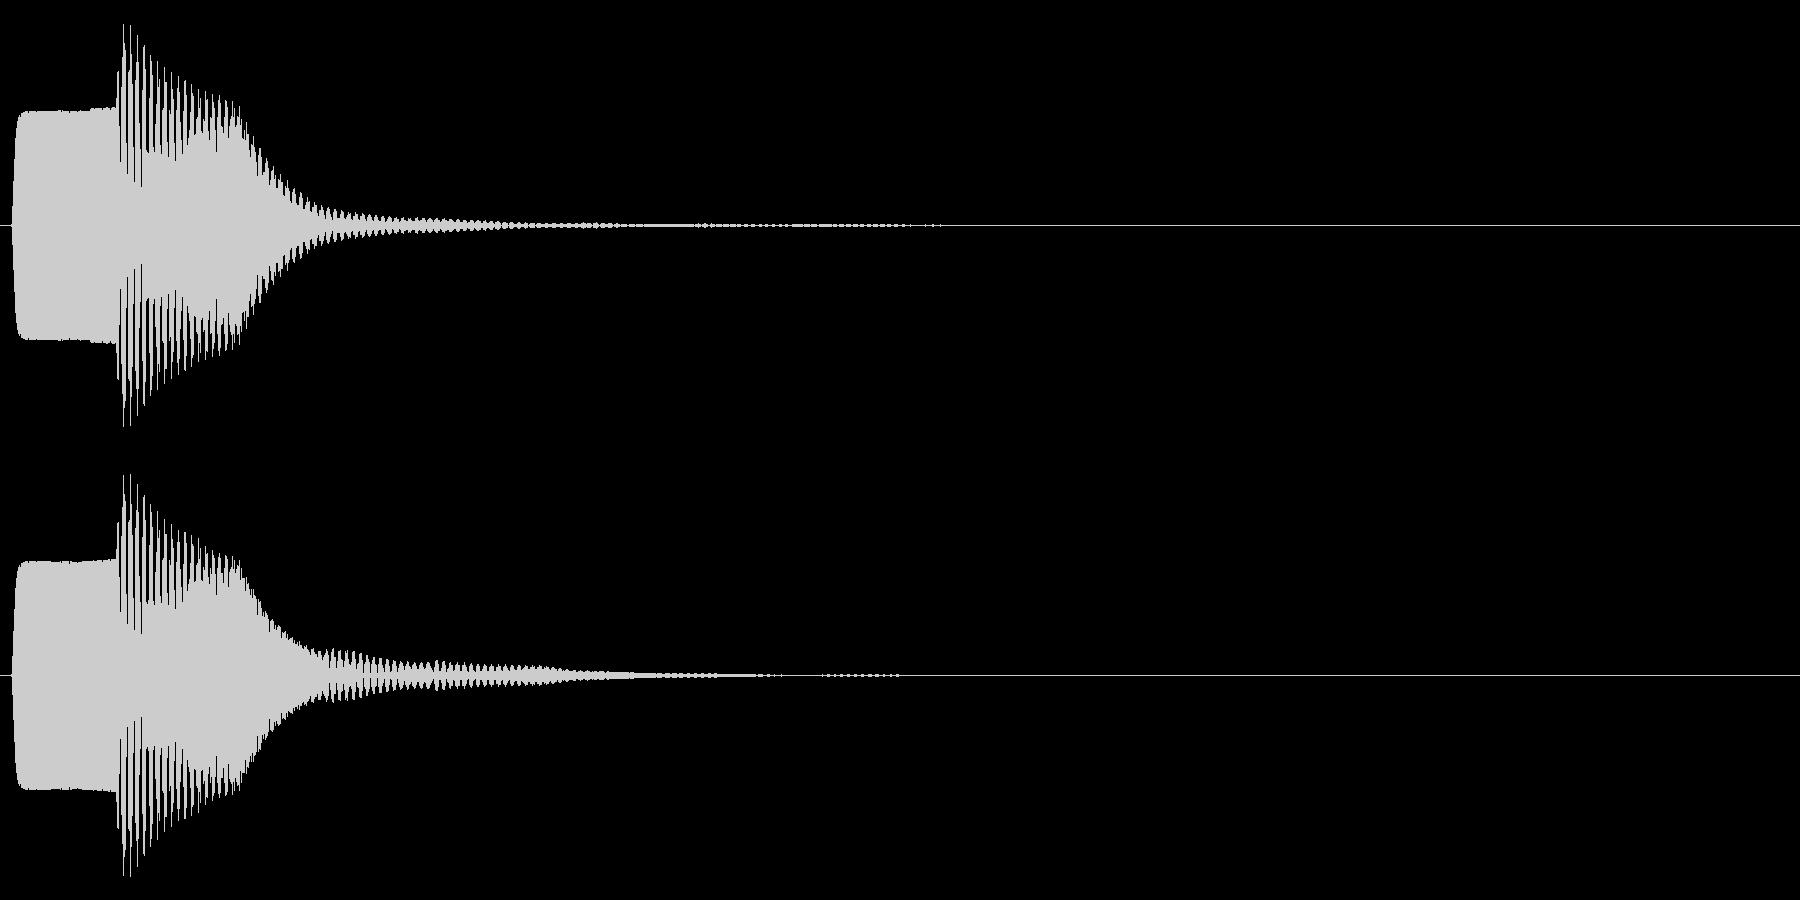 ピコン(キャンセル,終了,停止)_02の未再生の波形